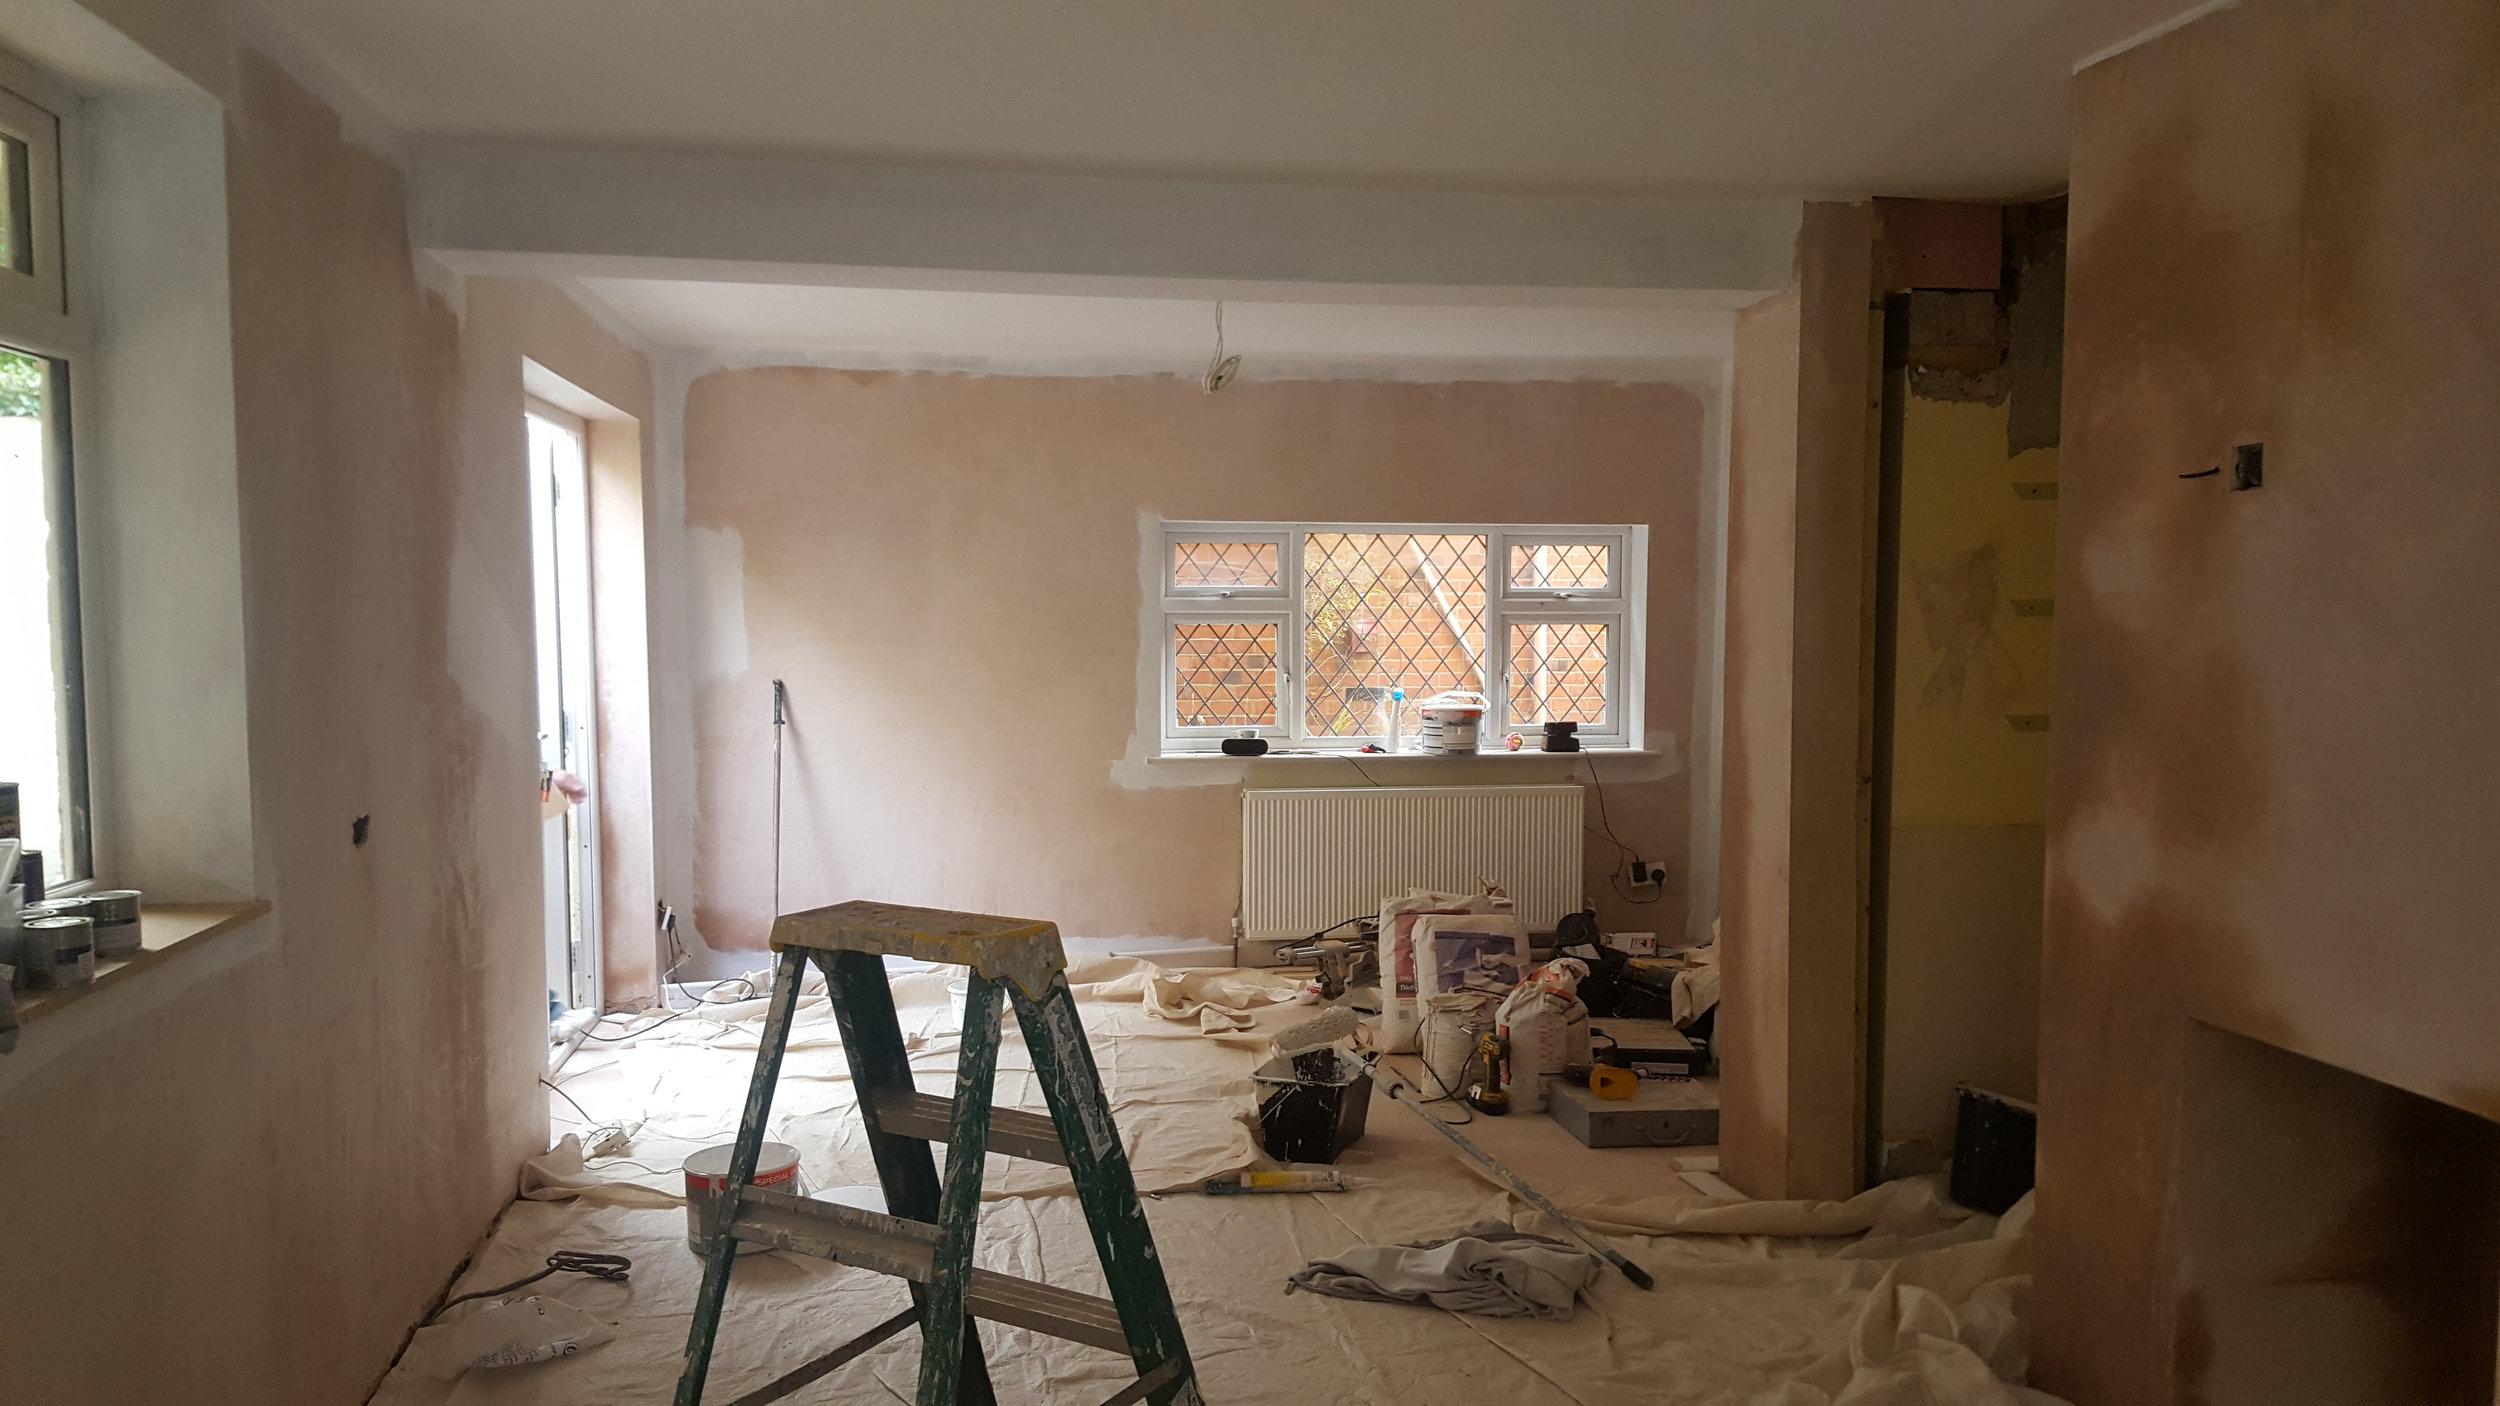 Kitchen midway through redecorating